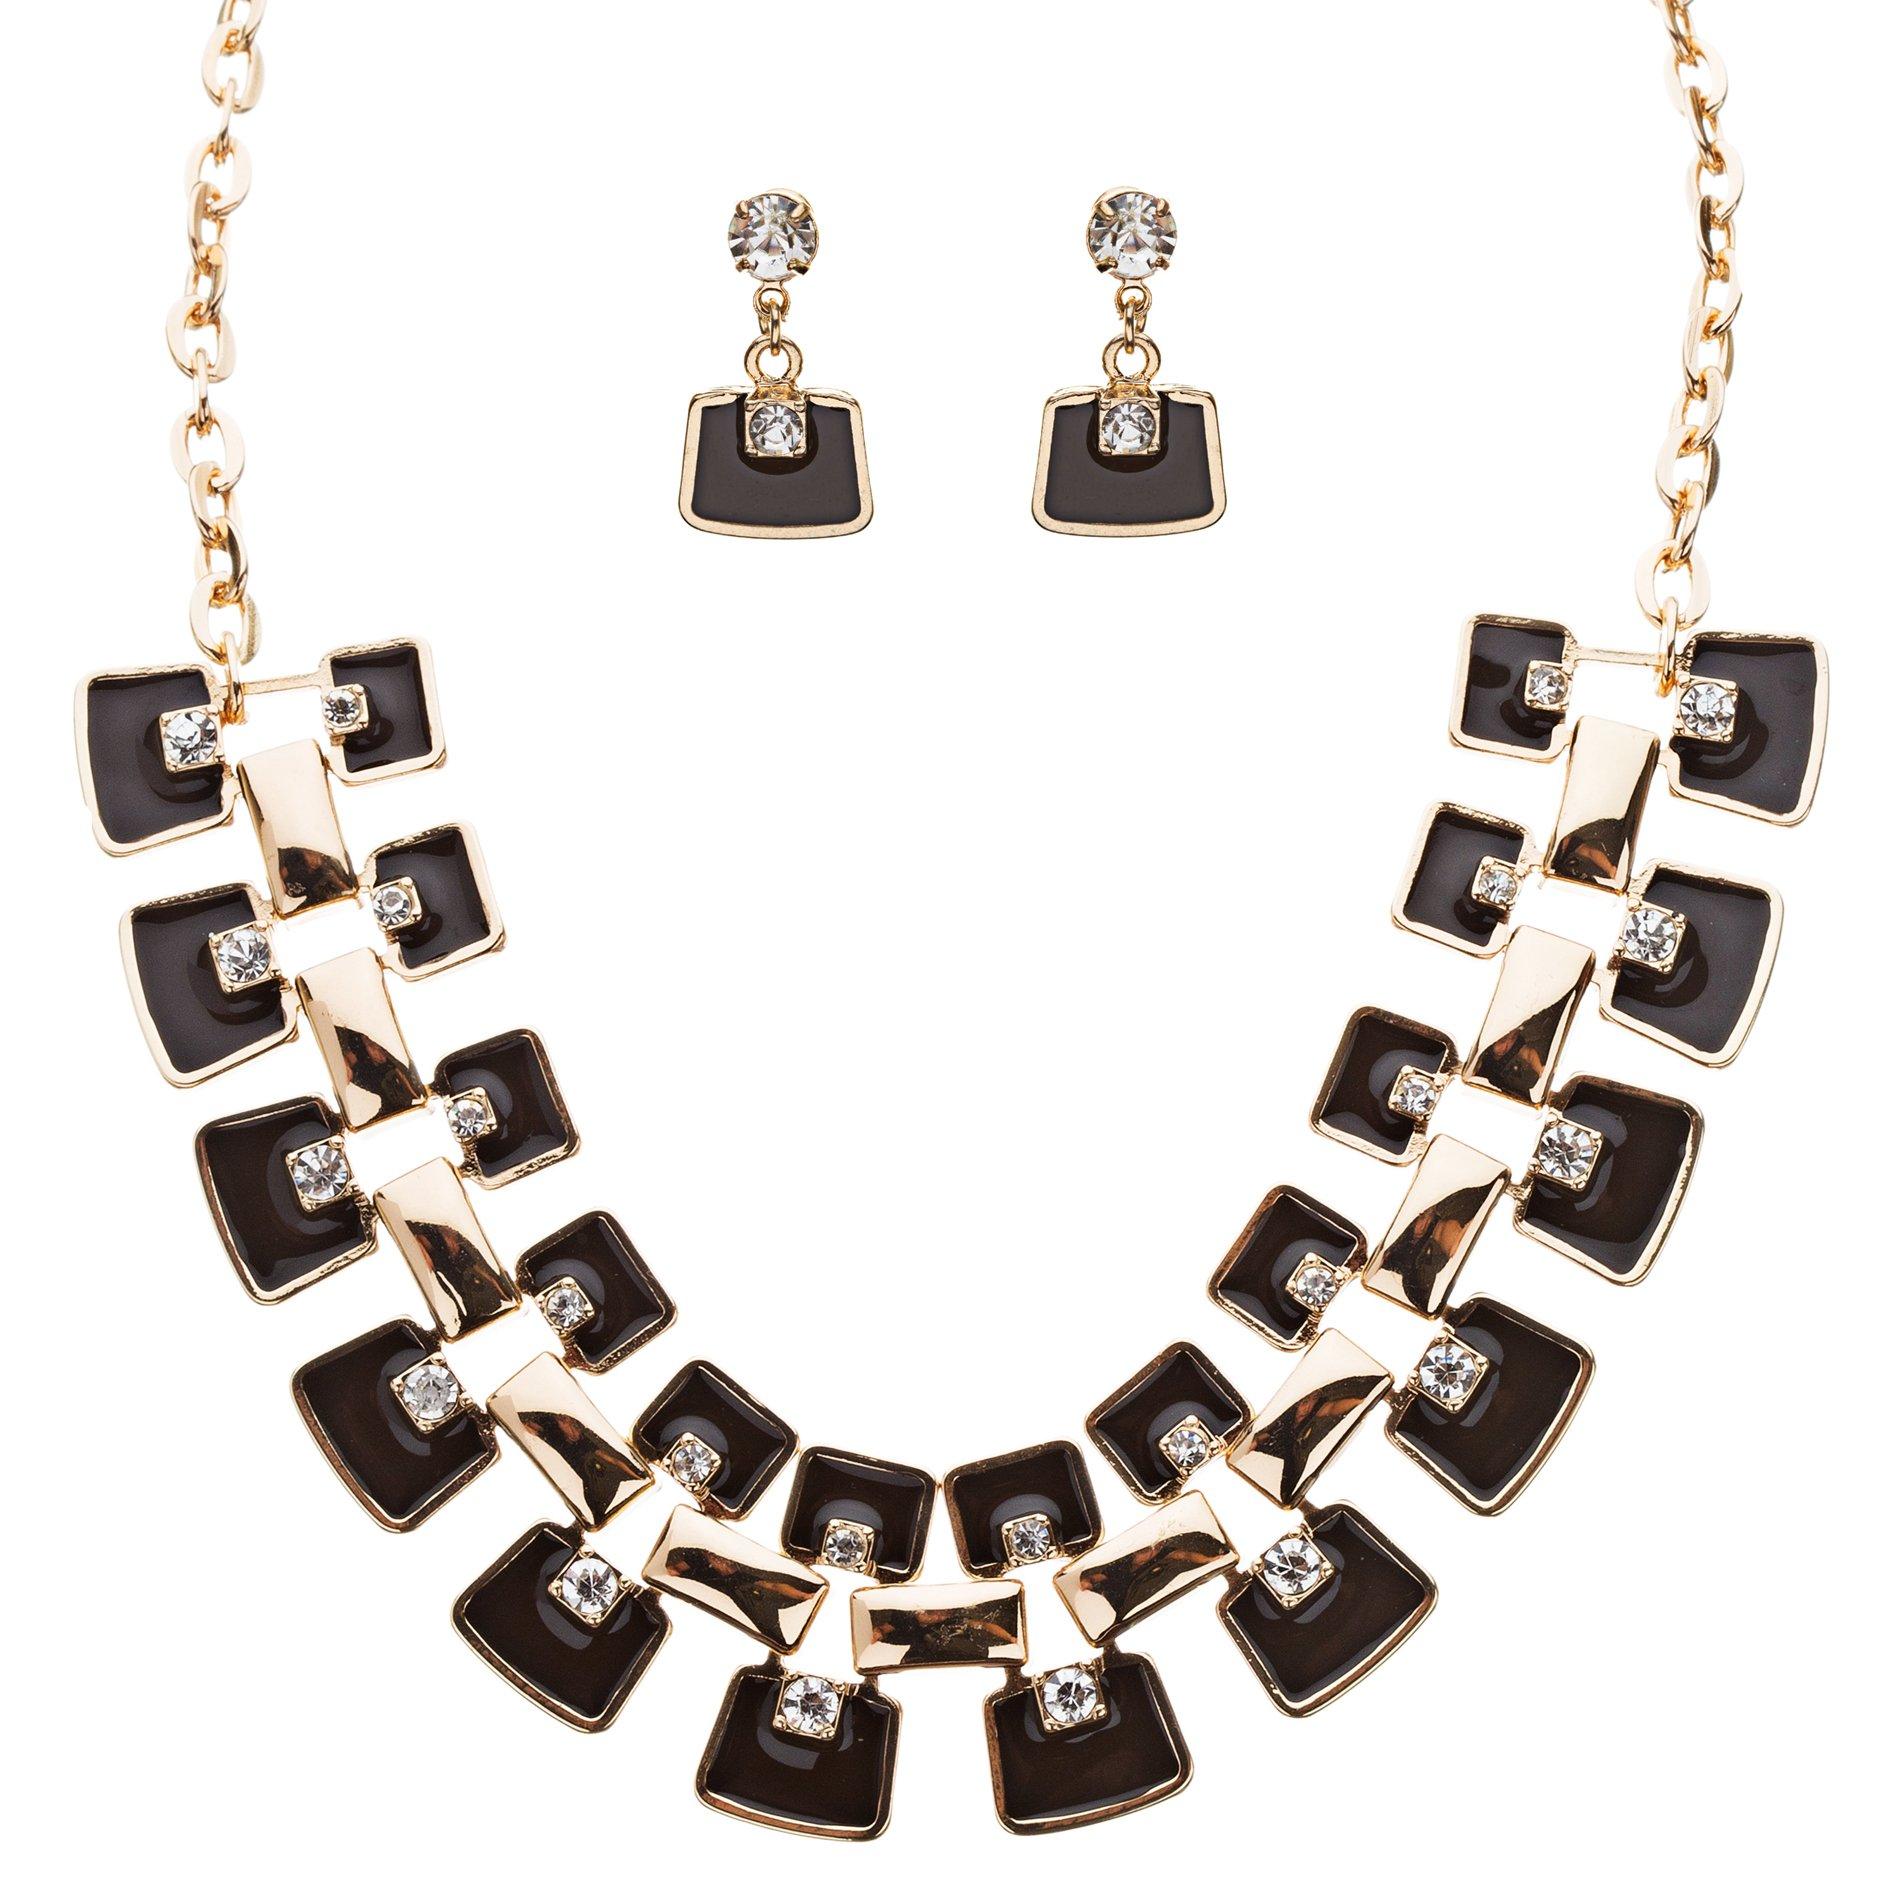 Modern Trendy Chic Bold Design Statement Necklace Set JN173 Black